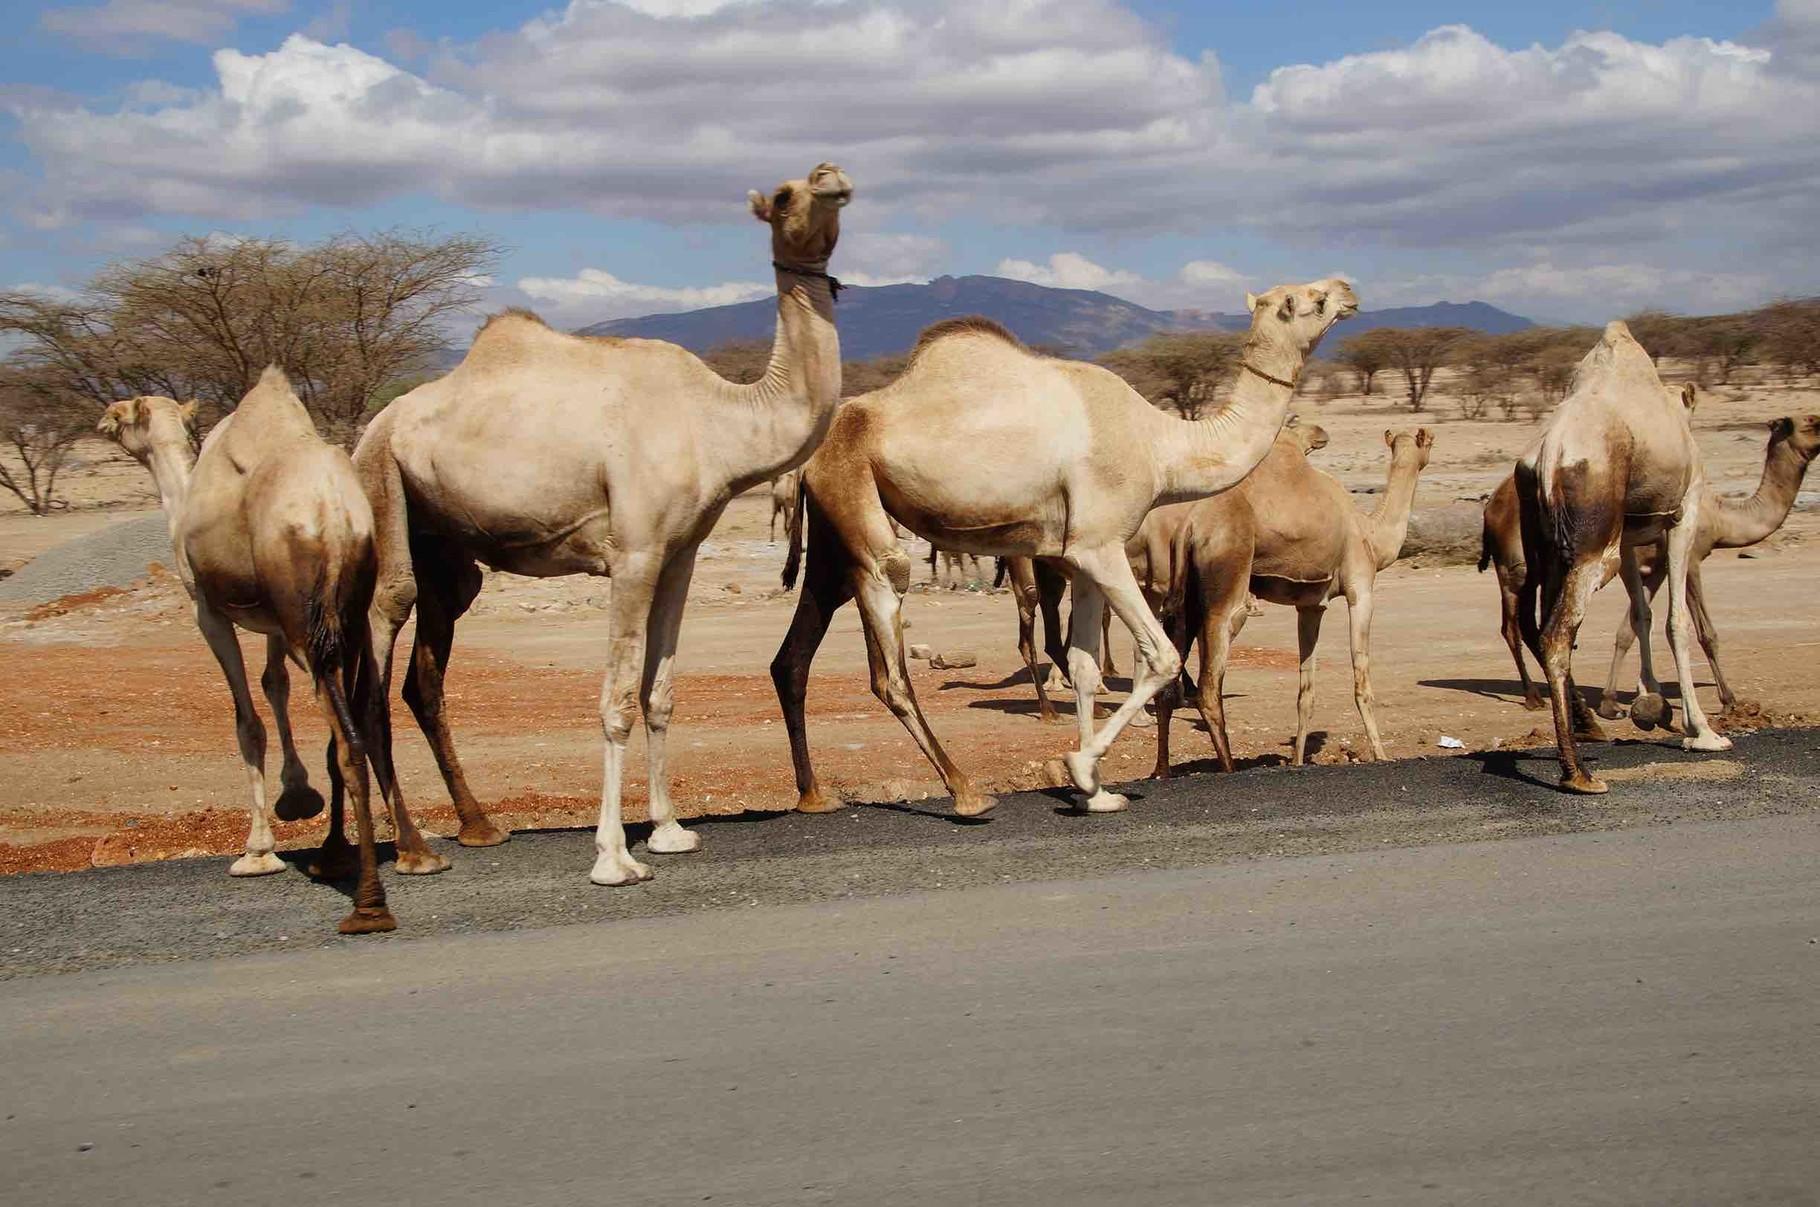 Kamele von links